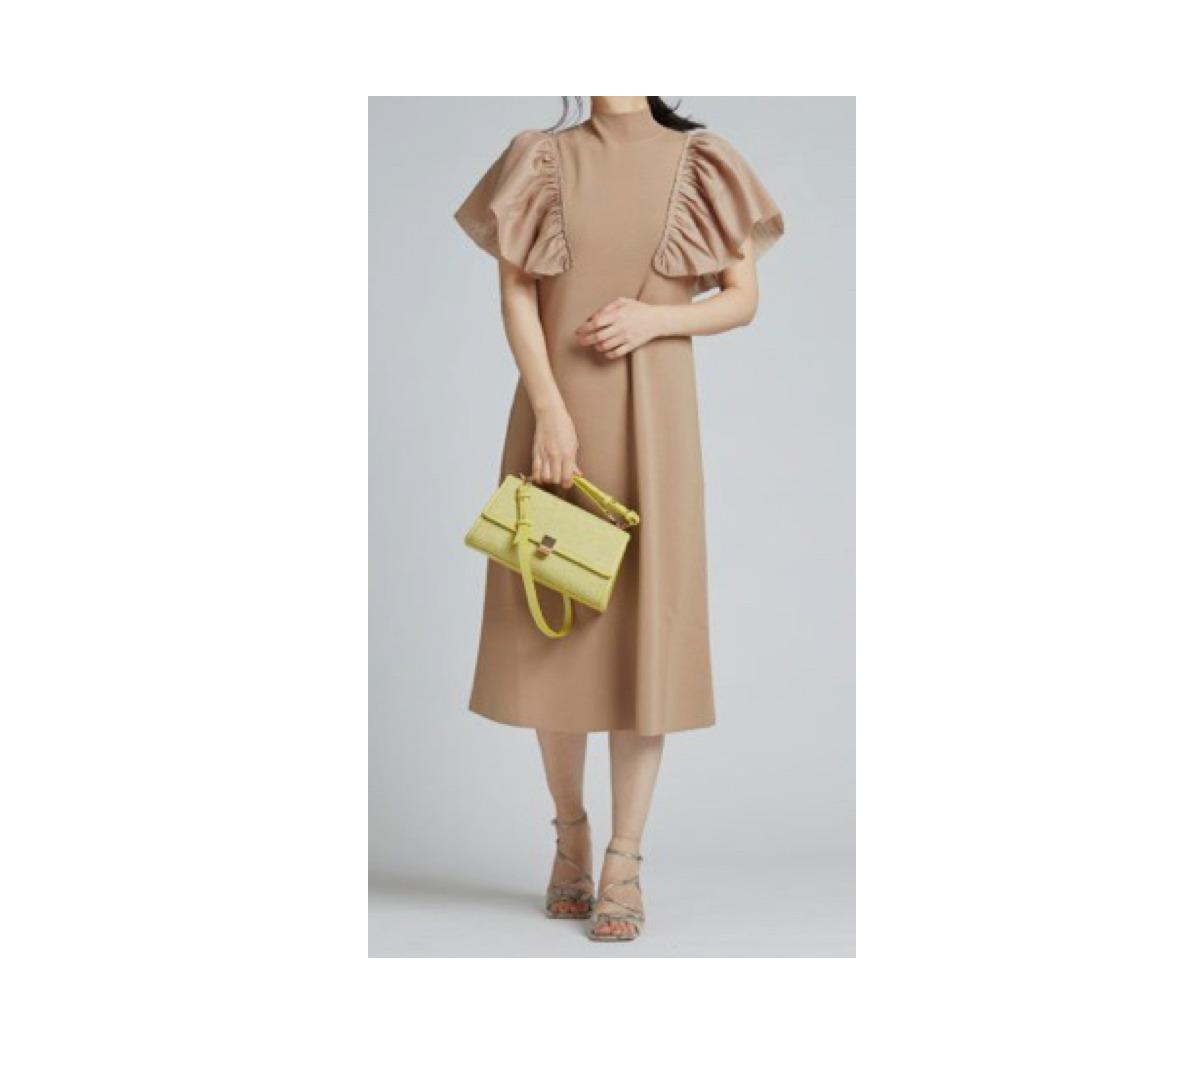 【今夜くらべてみました】神田愛花 衣装・ファッション(服・アクセ・バッグ・靴・小道具など)ブランド紹介♪【今夜くらべてみました】で神田愛花さんが着用している衣装・ファッション・ブランド紹介♪